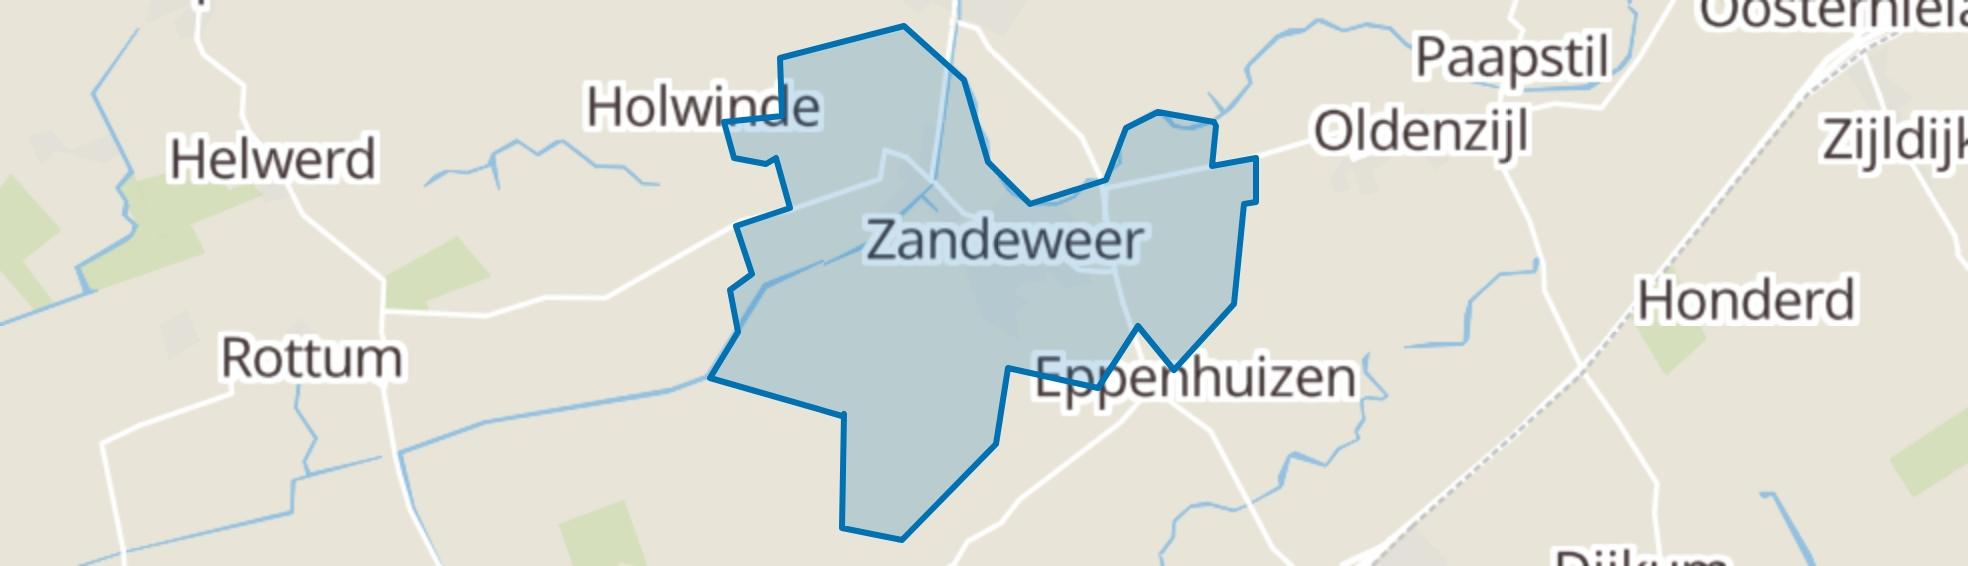 Zandeweer map